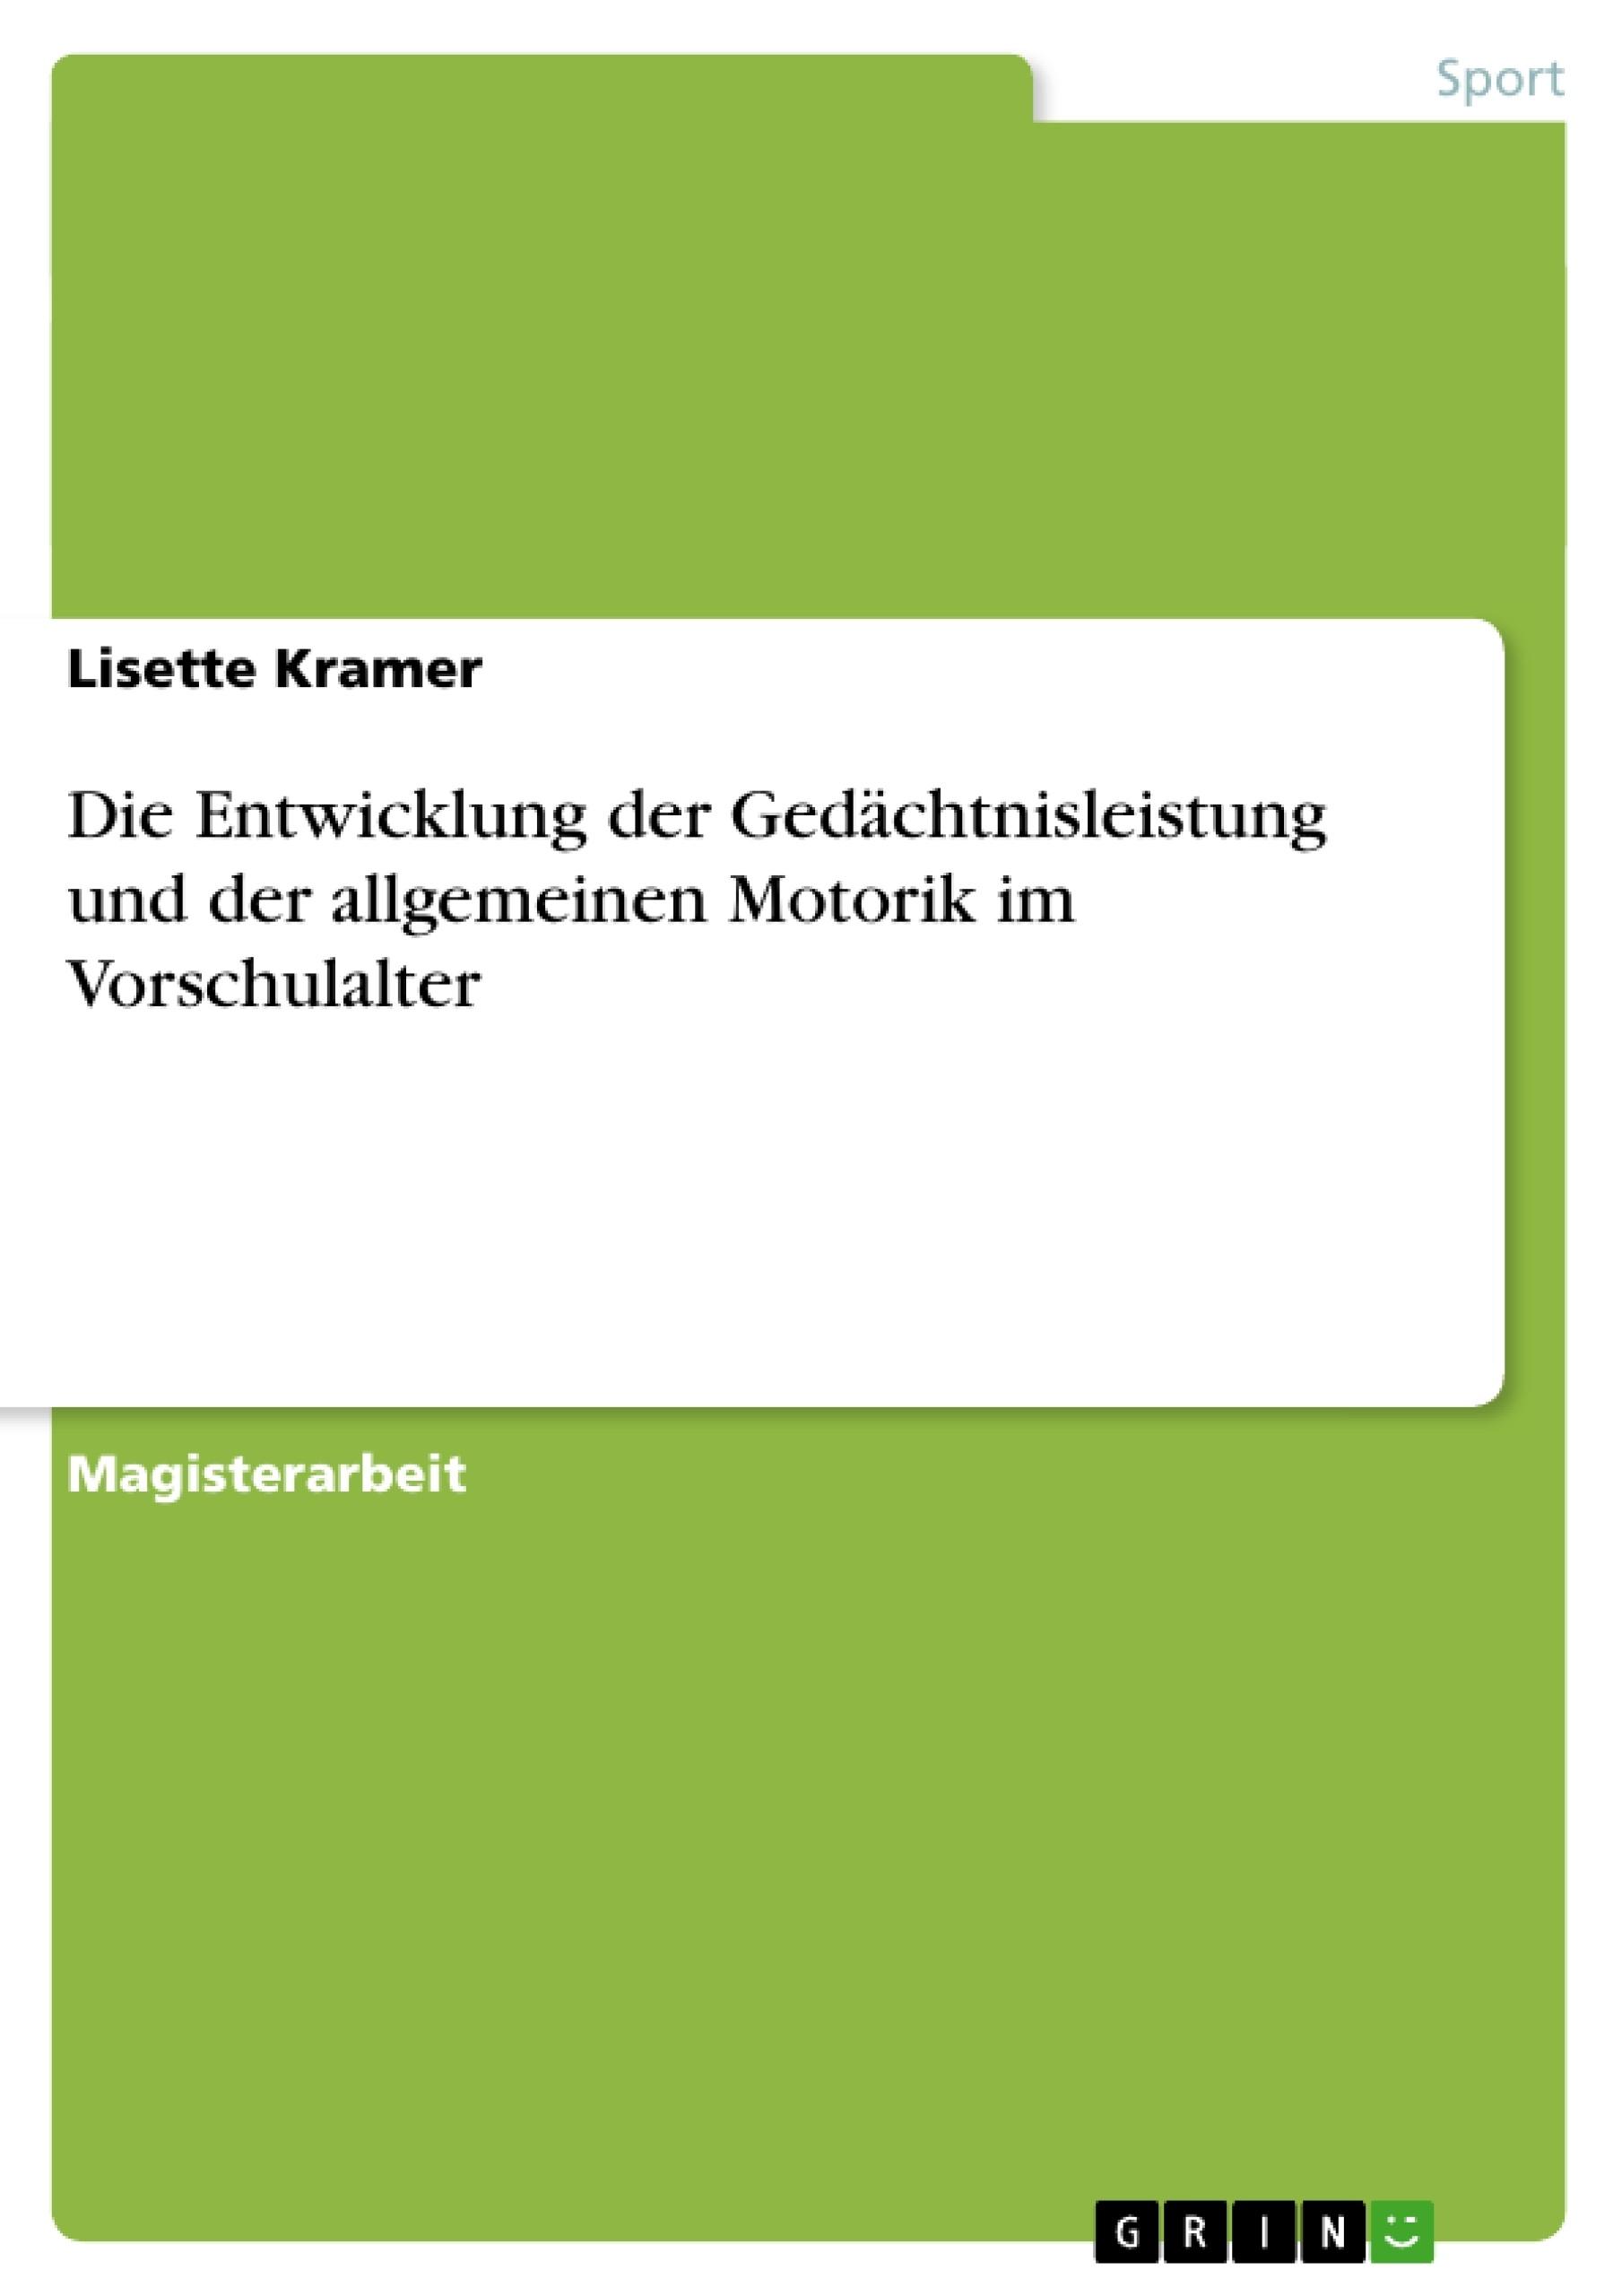 Titel: Die Entwicklung der Gedächtnisleistung und der allgemeinen Motorik im Vorschulalter